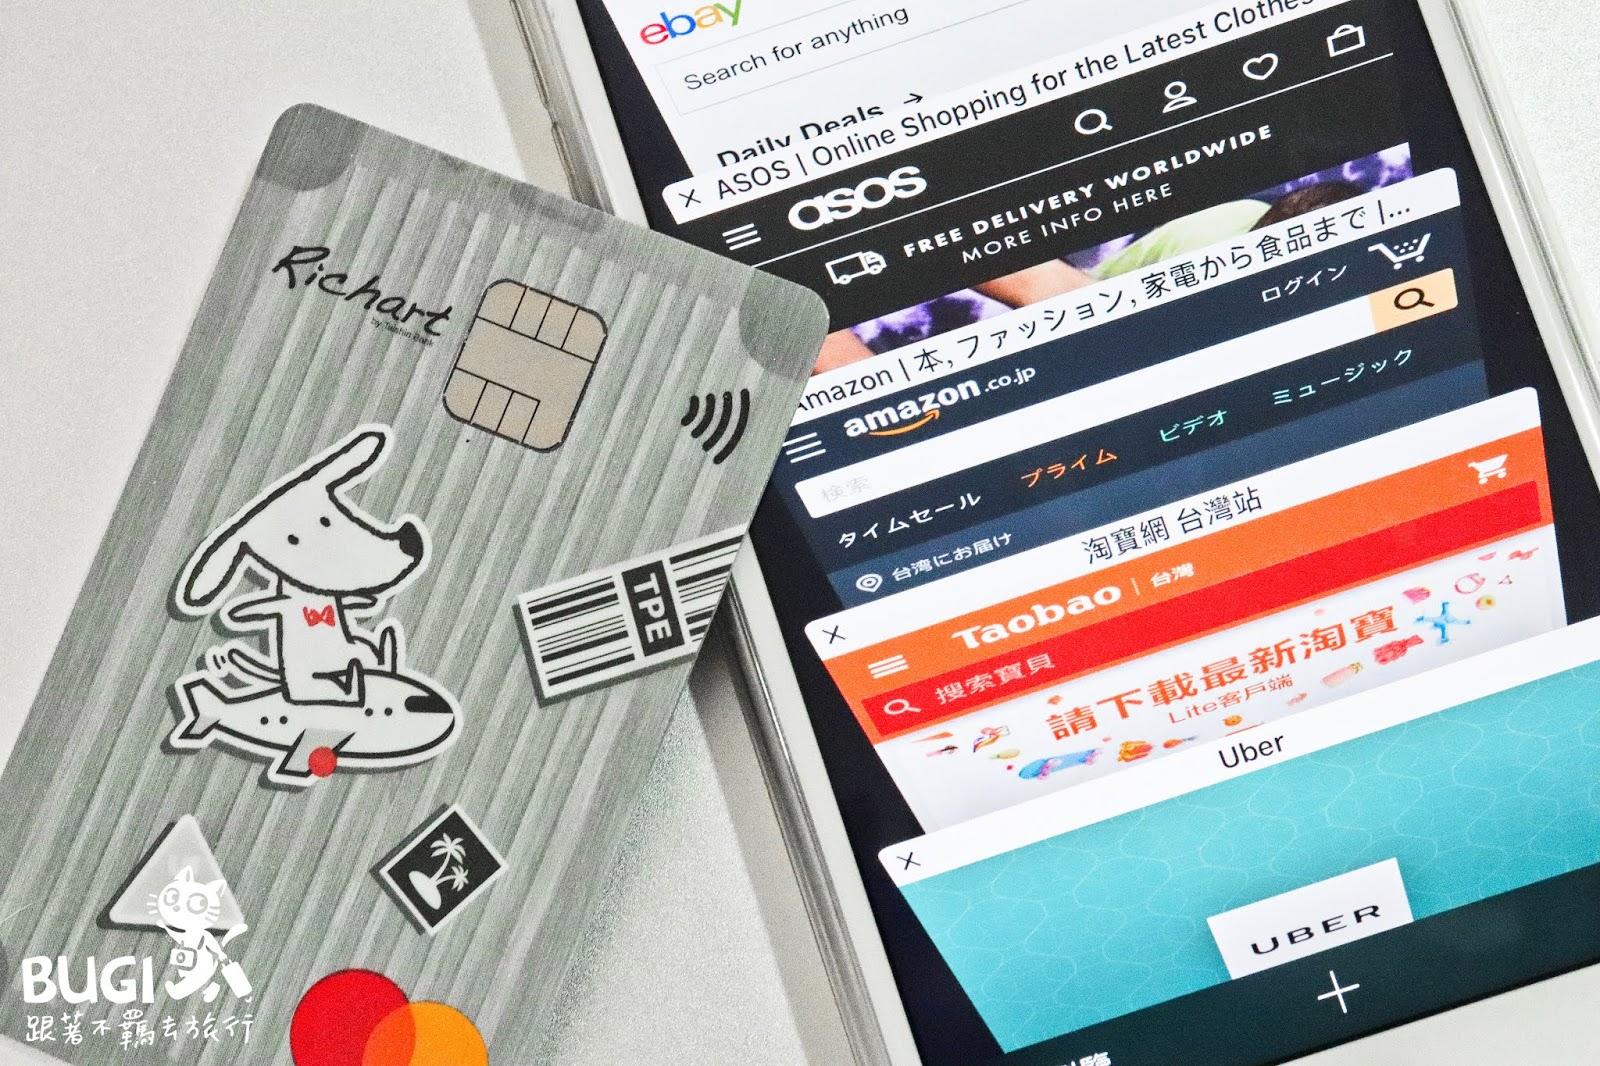 國外旅遊就帶它|臺新FlyGo飛狗卡 海外2.8%現金回饋無上限信用卡 - 跟著不羈去旅行